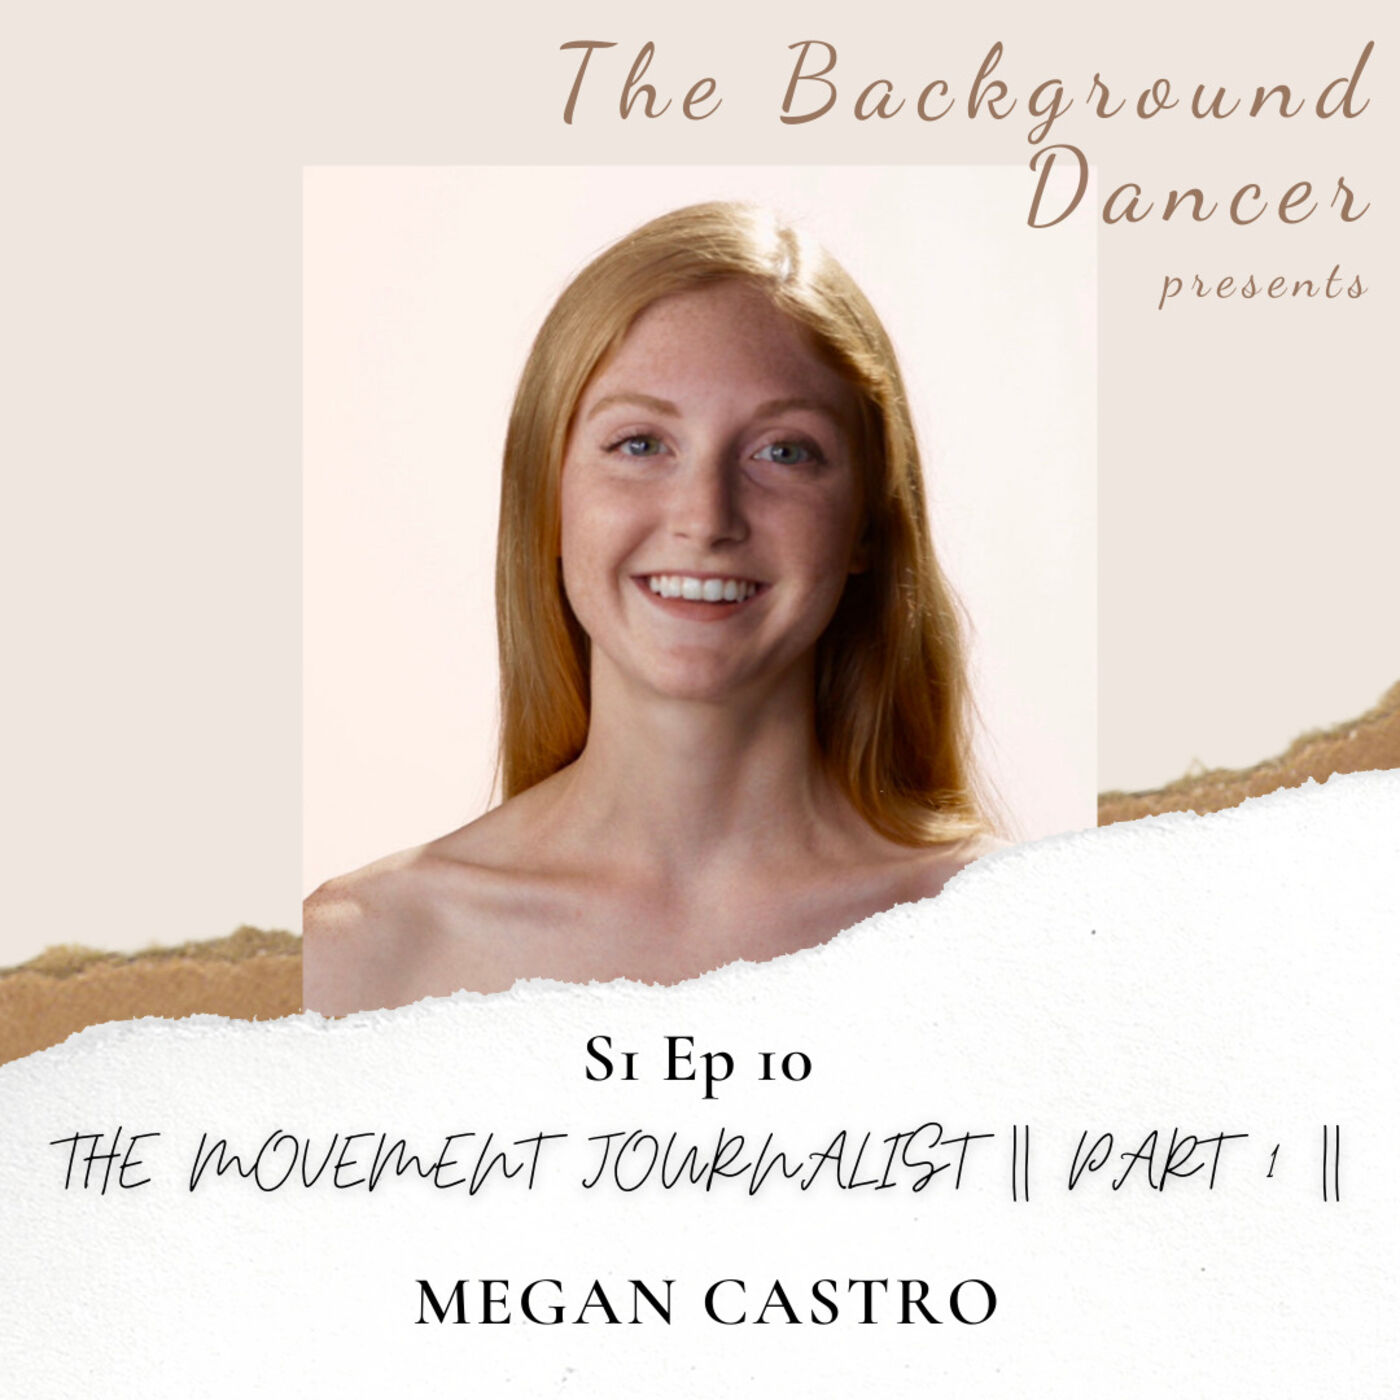 The Movement Journalist   Part 1   Megan Castro